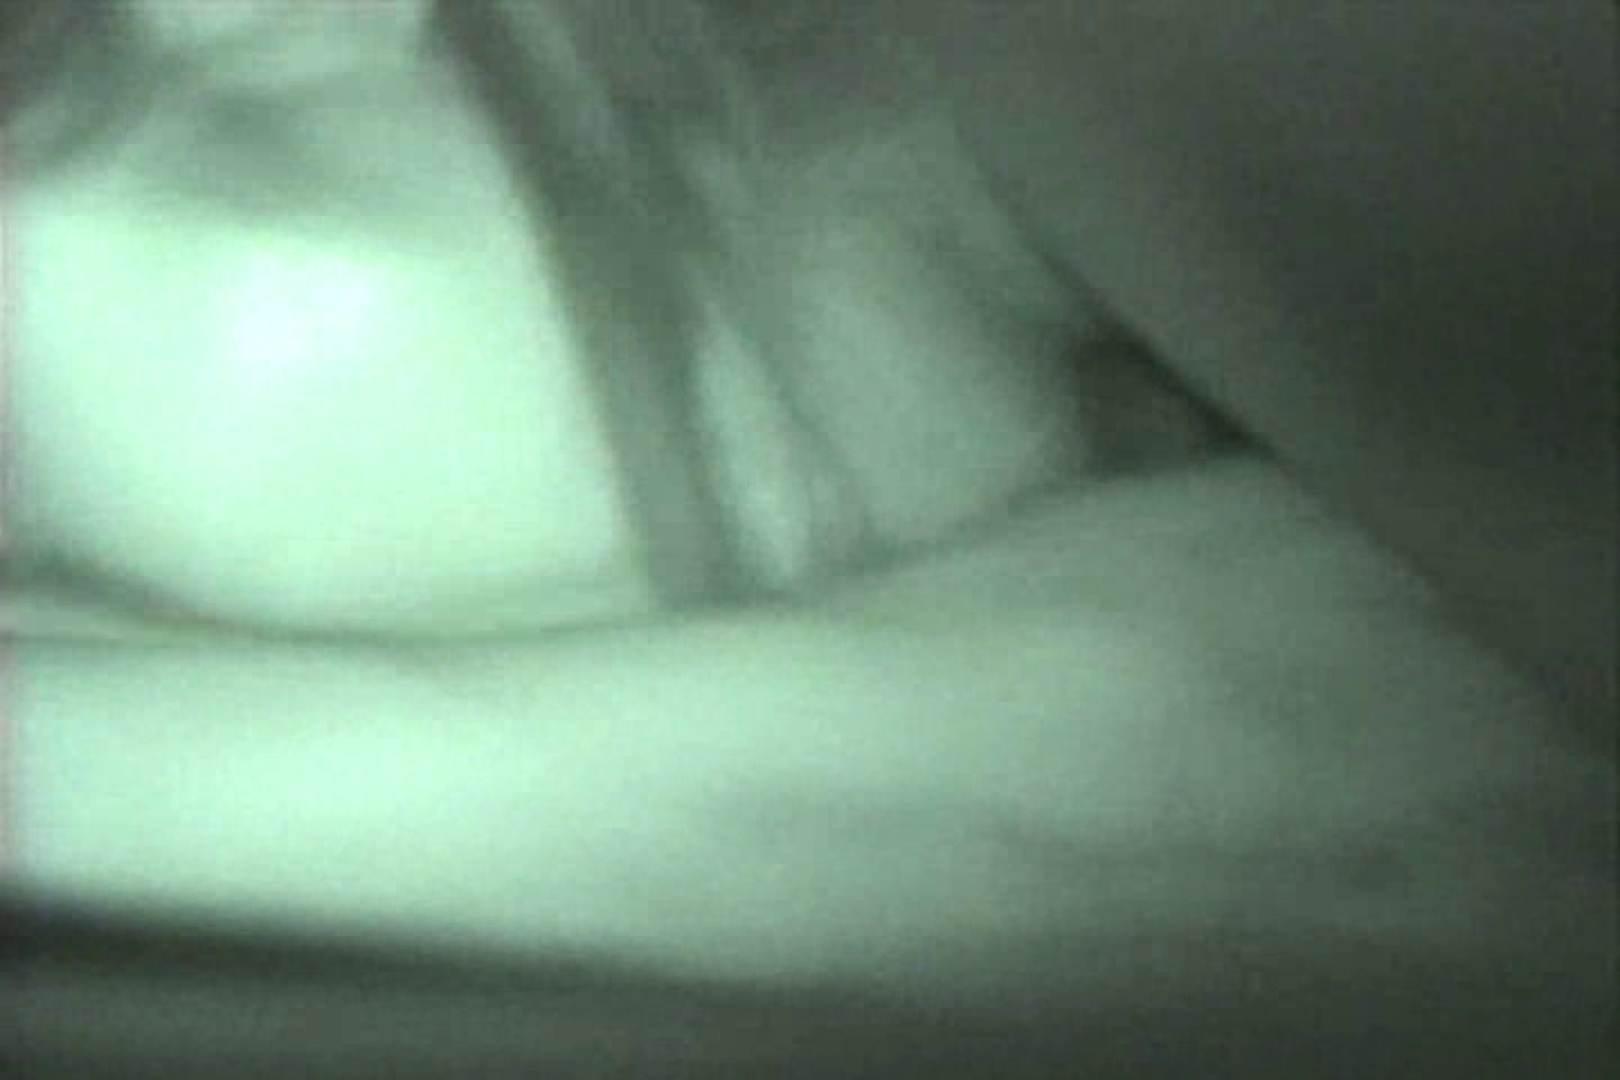 蔵出し!!赤外線カーセックスVol.6 赤外線 濡れ場動画紹介 81画像 16